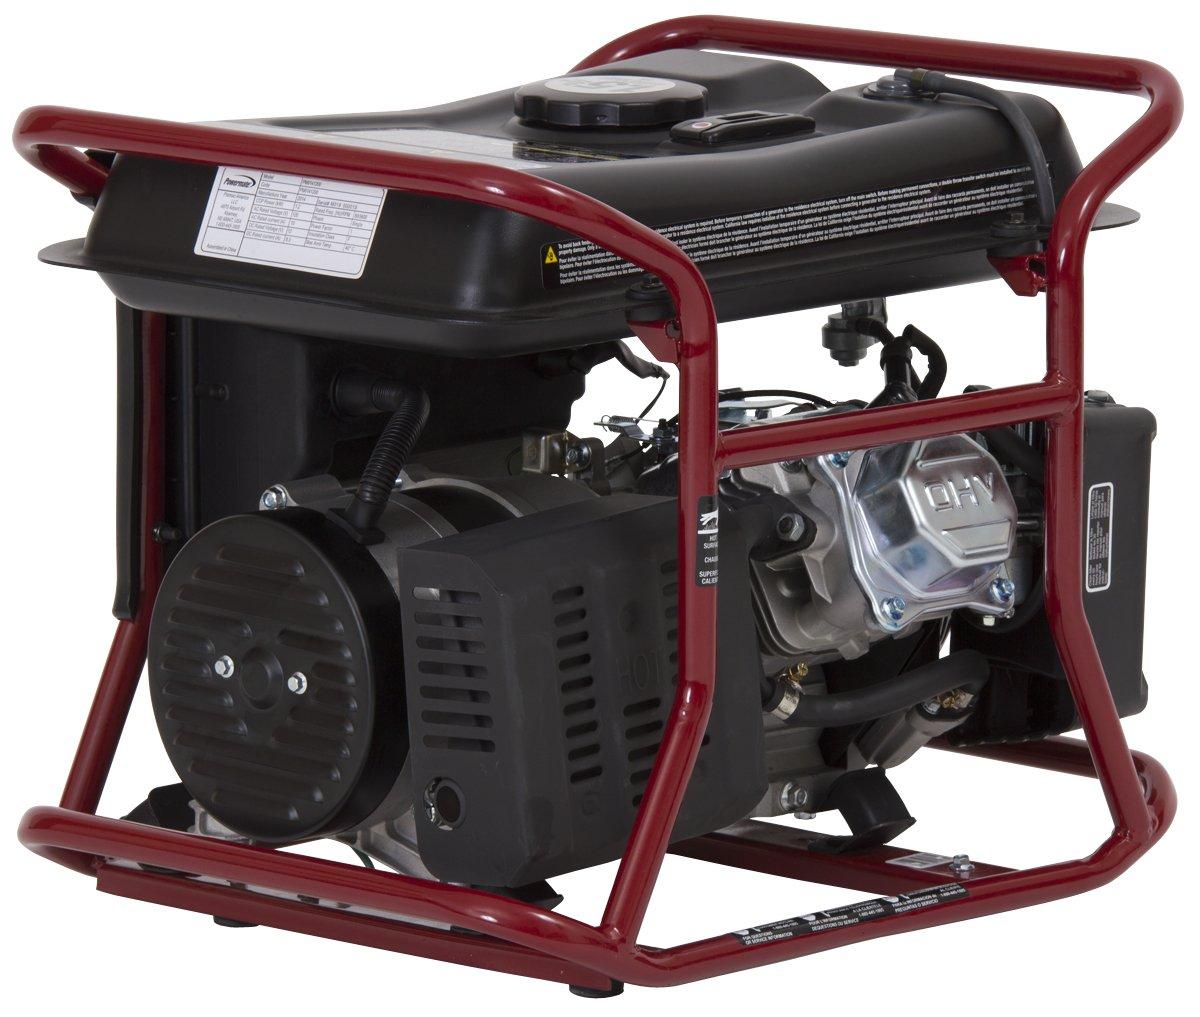 Amazon.com : Powermate PM0141201, 1200 Running Watts/1500 Starting Watts,  Gas Powered Portable Generator : Garden & Outdoor